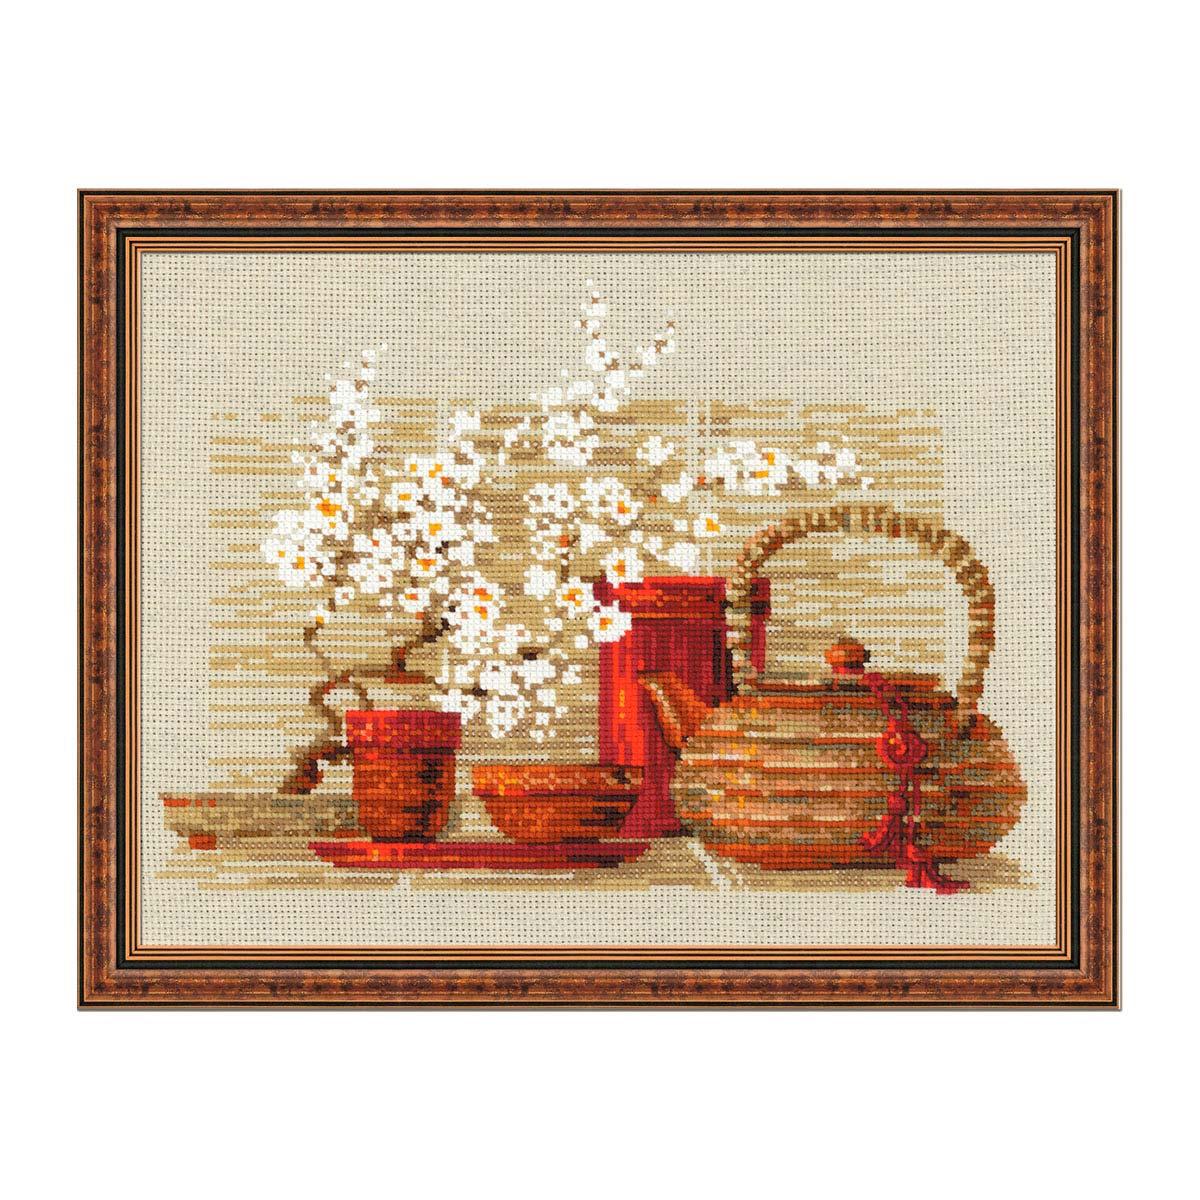 1122 Набор для вышивания Riolis 'Чай', 30*24 см